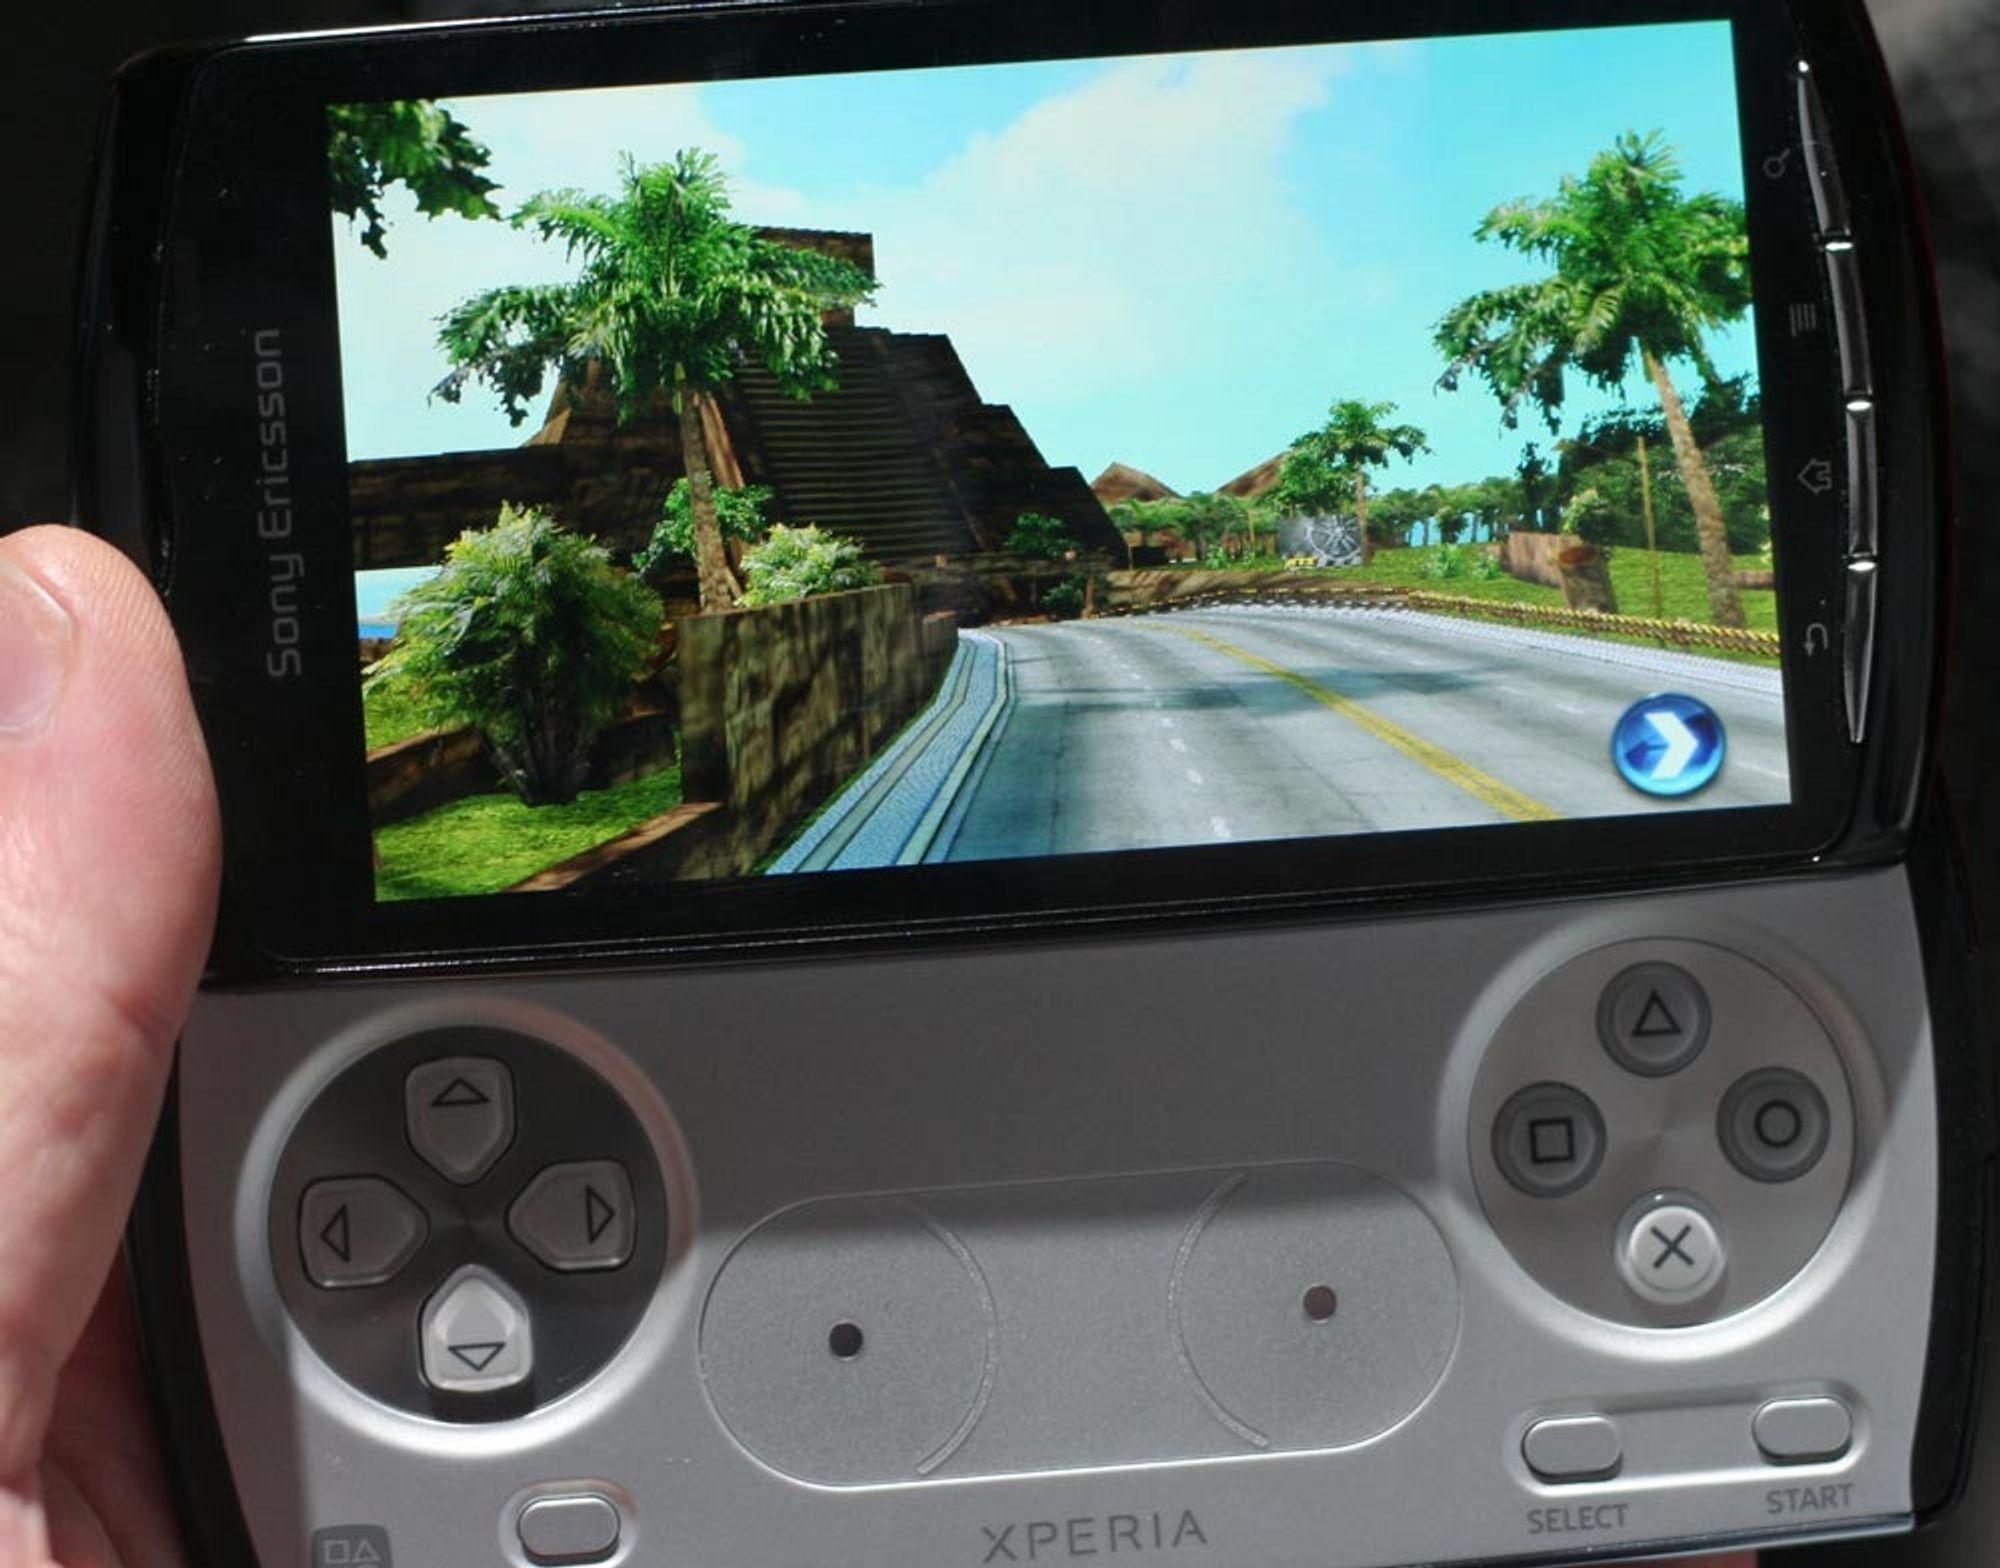 Snart kommer Playstation-telefonen